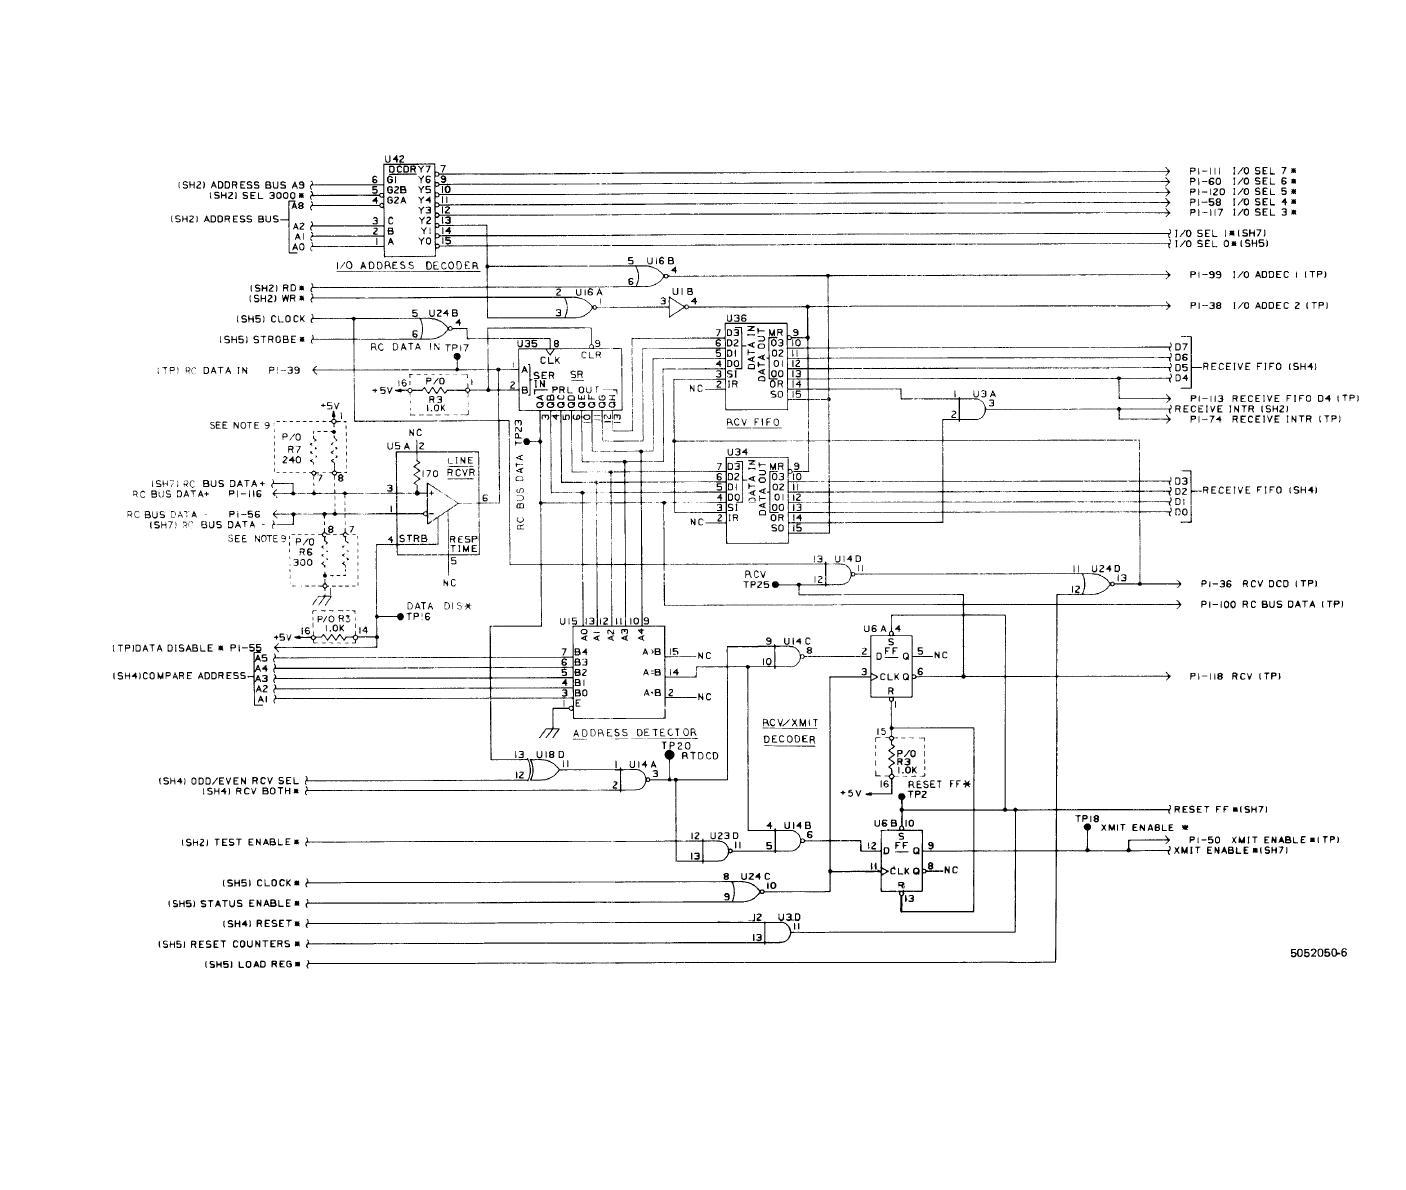 Fo 10 Rc Bus Interface Cpu Cca A7 Schematic